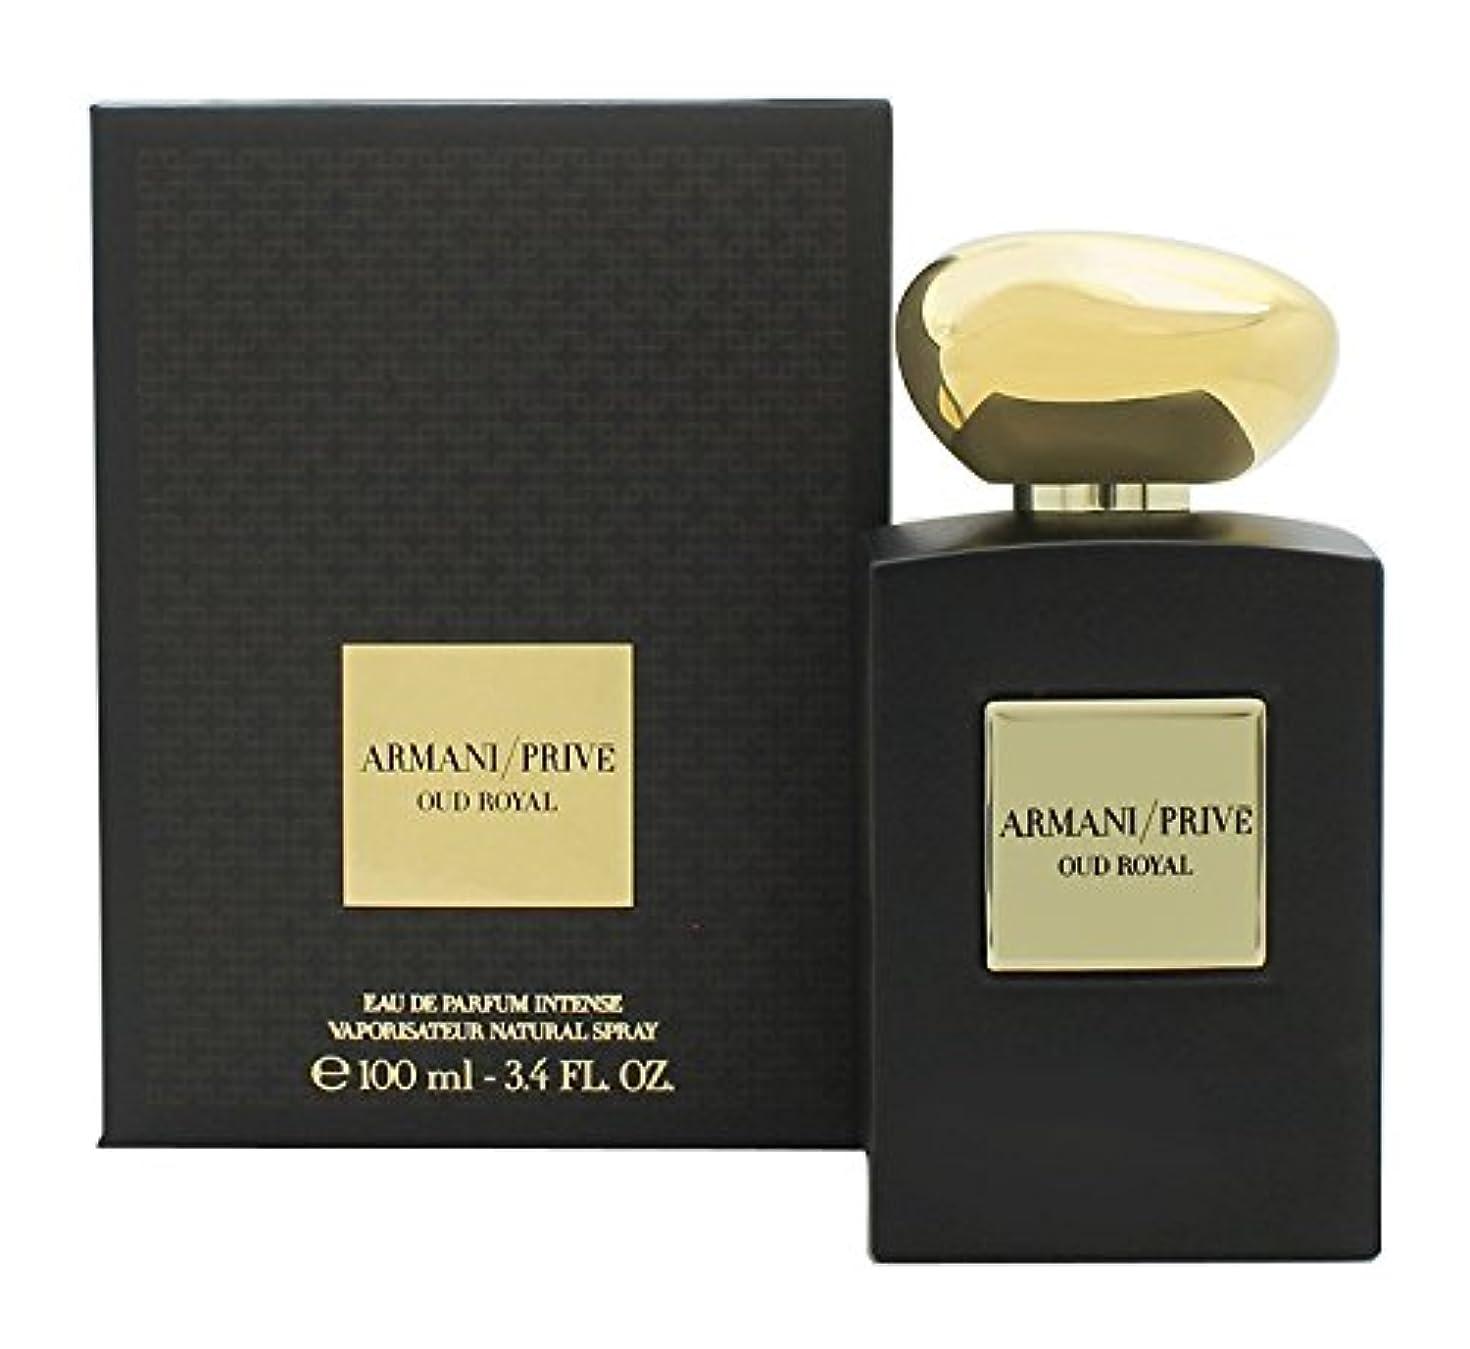 中止します摂氏安らぎジョルジオアルマーニ Prive Oud Royal Eau De Parfum Intense Spray 100ml/3.4oz並行輸入品